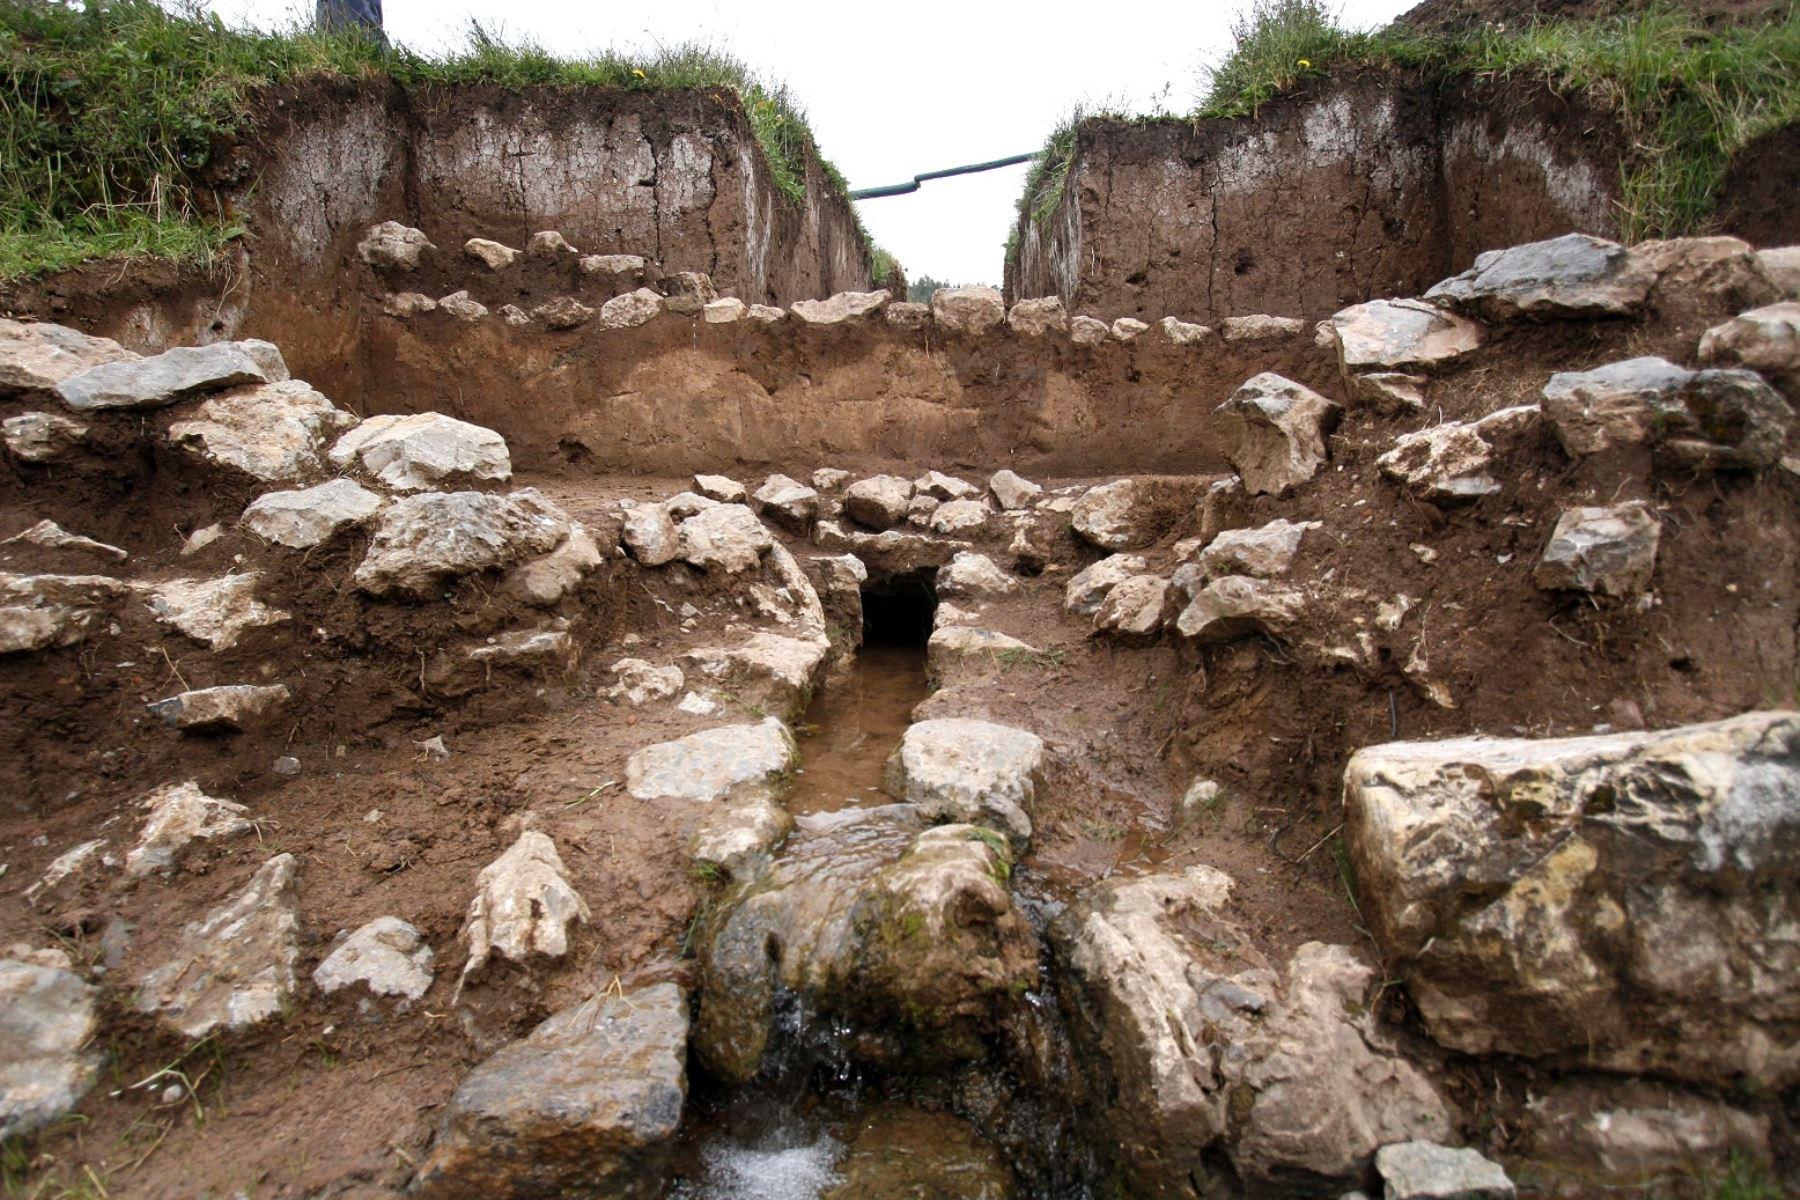 Sacsayhuamán fue un centro ceremonial, de control administrativo y de gestión de los recursos hídricos que tuvo un rol fundamental en la consolidación del Tahuantinsuyo. Foto: ANDINA/Percy Hurtado